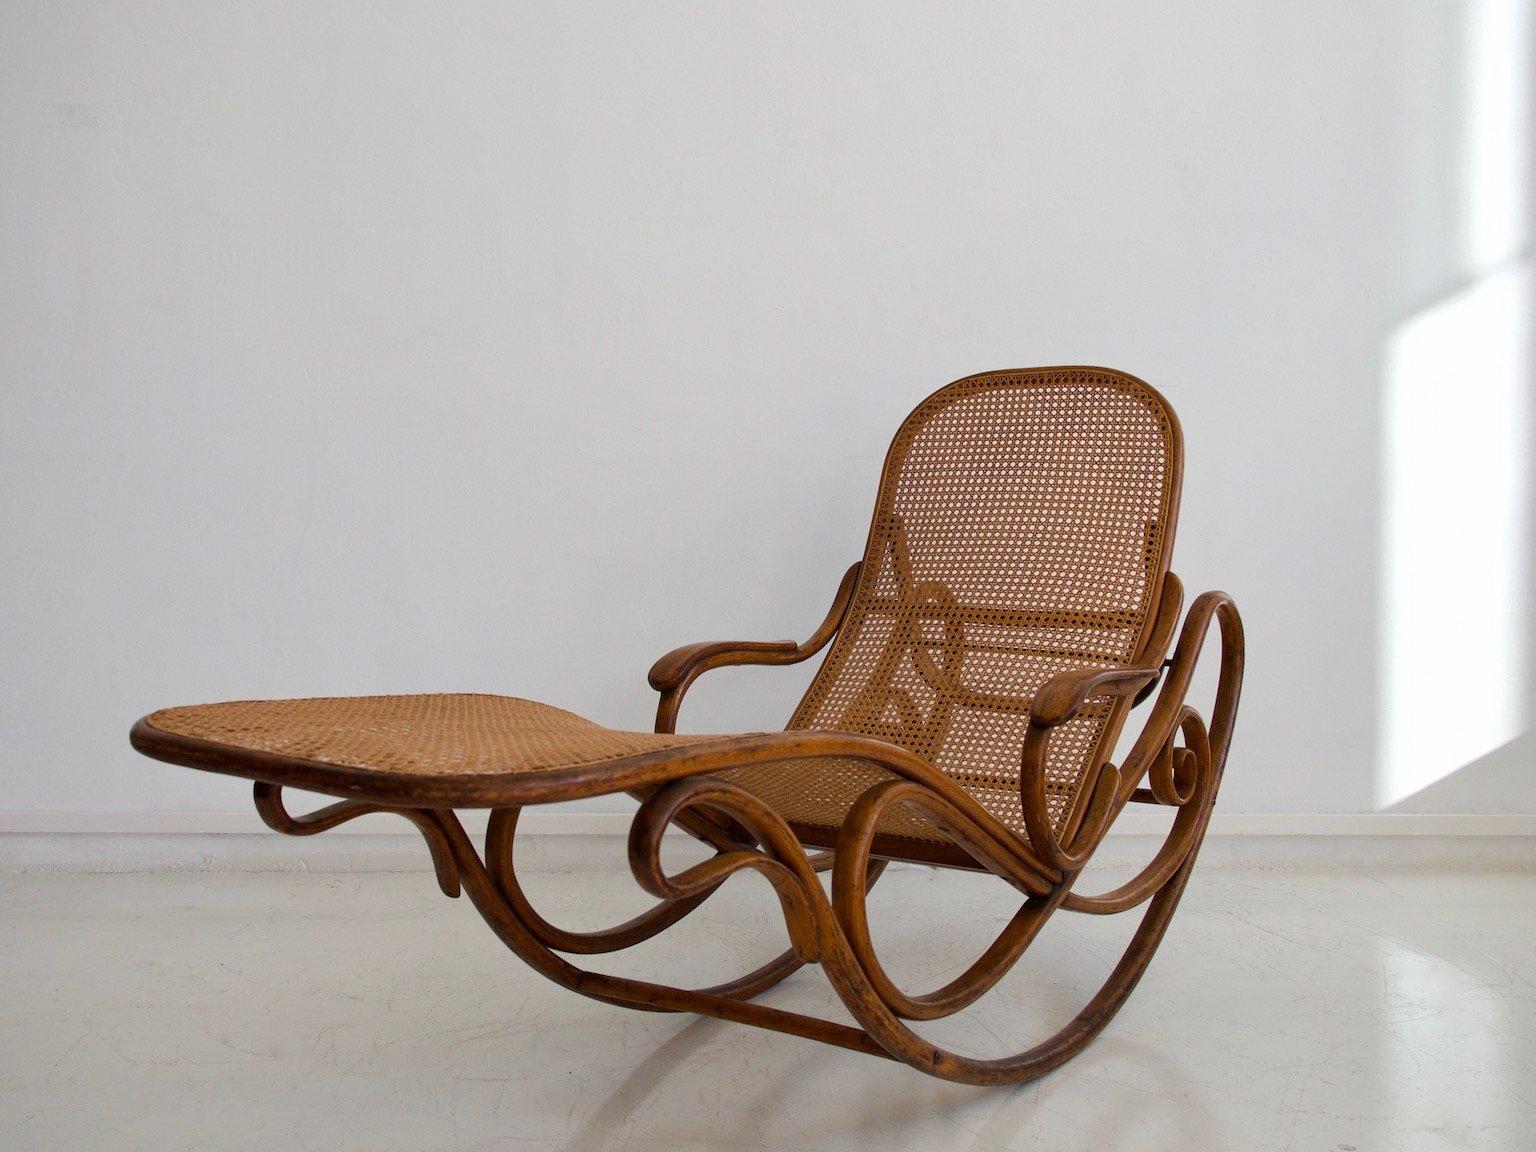 Antiker modell 7500 schaukelstuhl von thonet bei pamono kaufen for Thonet schaukelstuhl